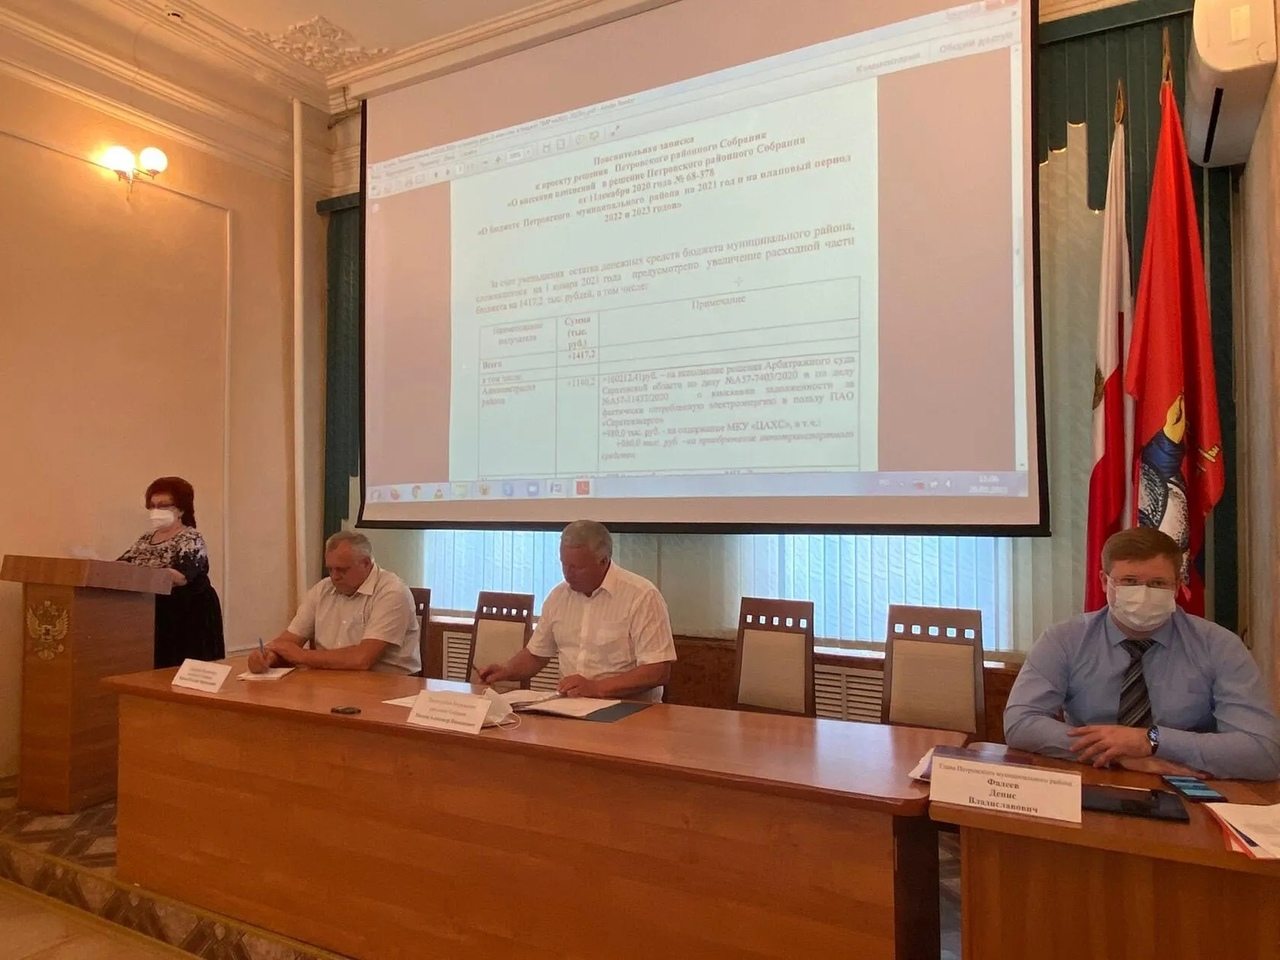 В бюджет Петровского района поступили средства, выделенные Вячеславом Володиным на проектную документацию для реставрации здания бывшего духовного училища